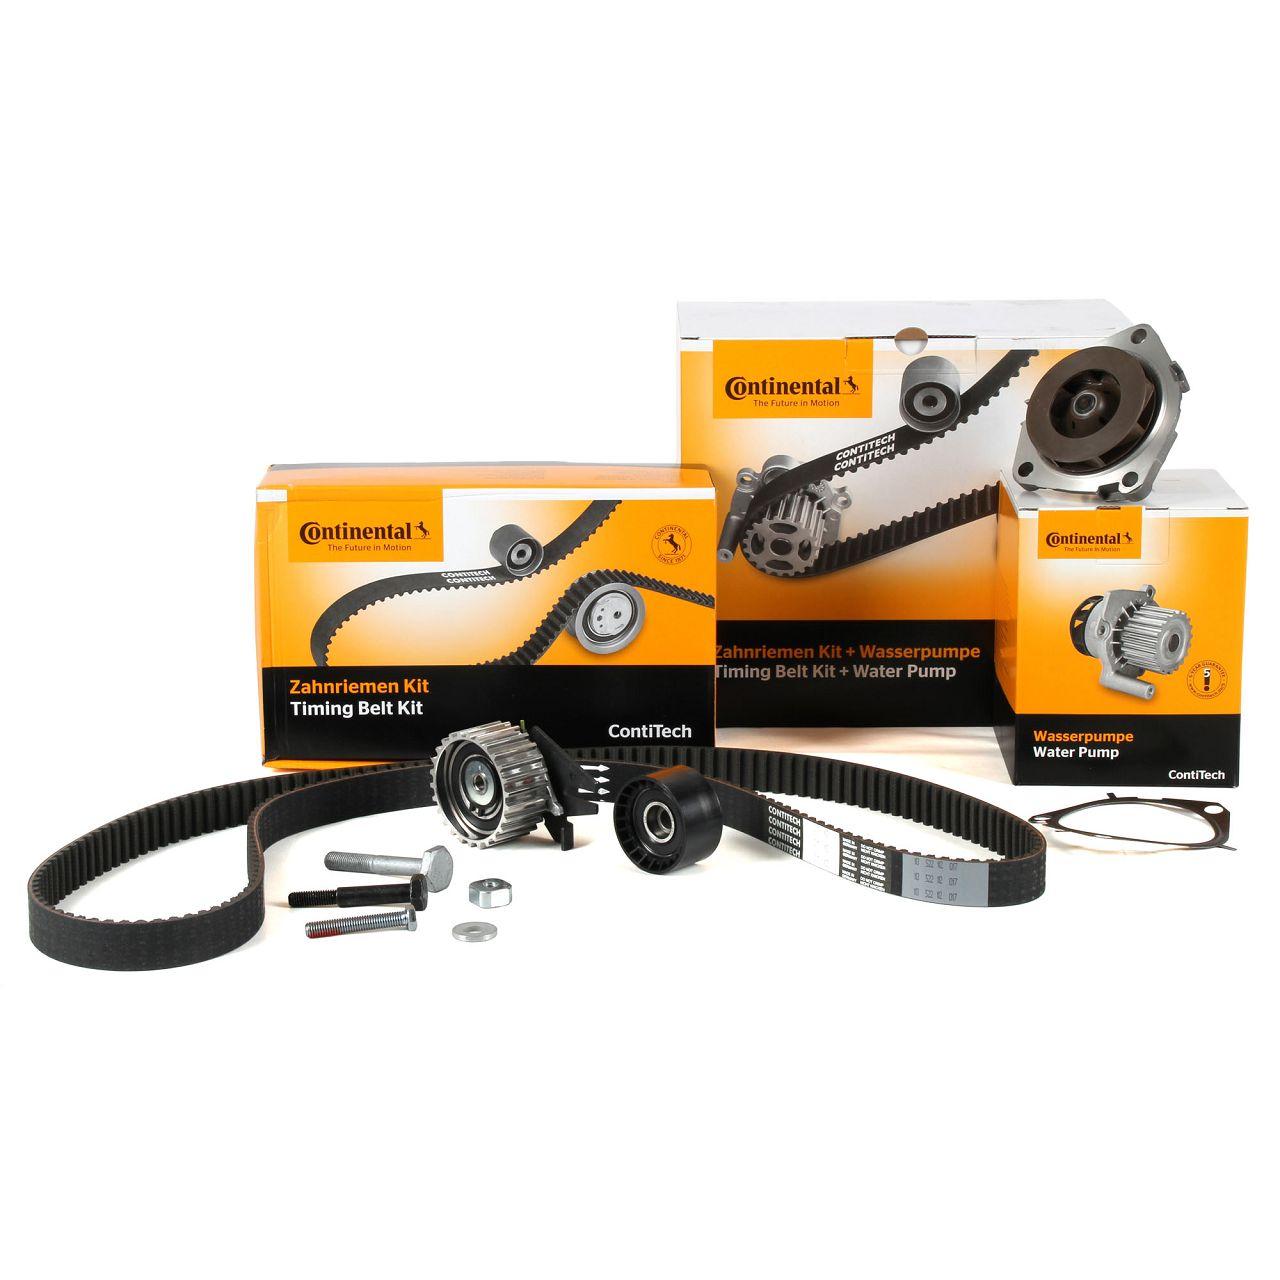 CONTITECH Zahnriemensatz + Wasserpumpe CT1105WP2 für ALFA ROMEO FIAT OPEL SAAB